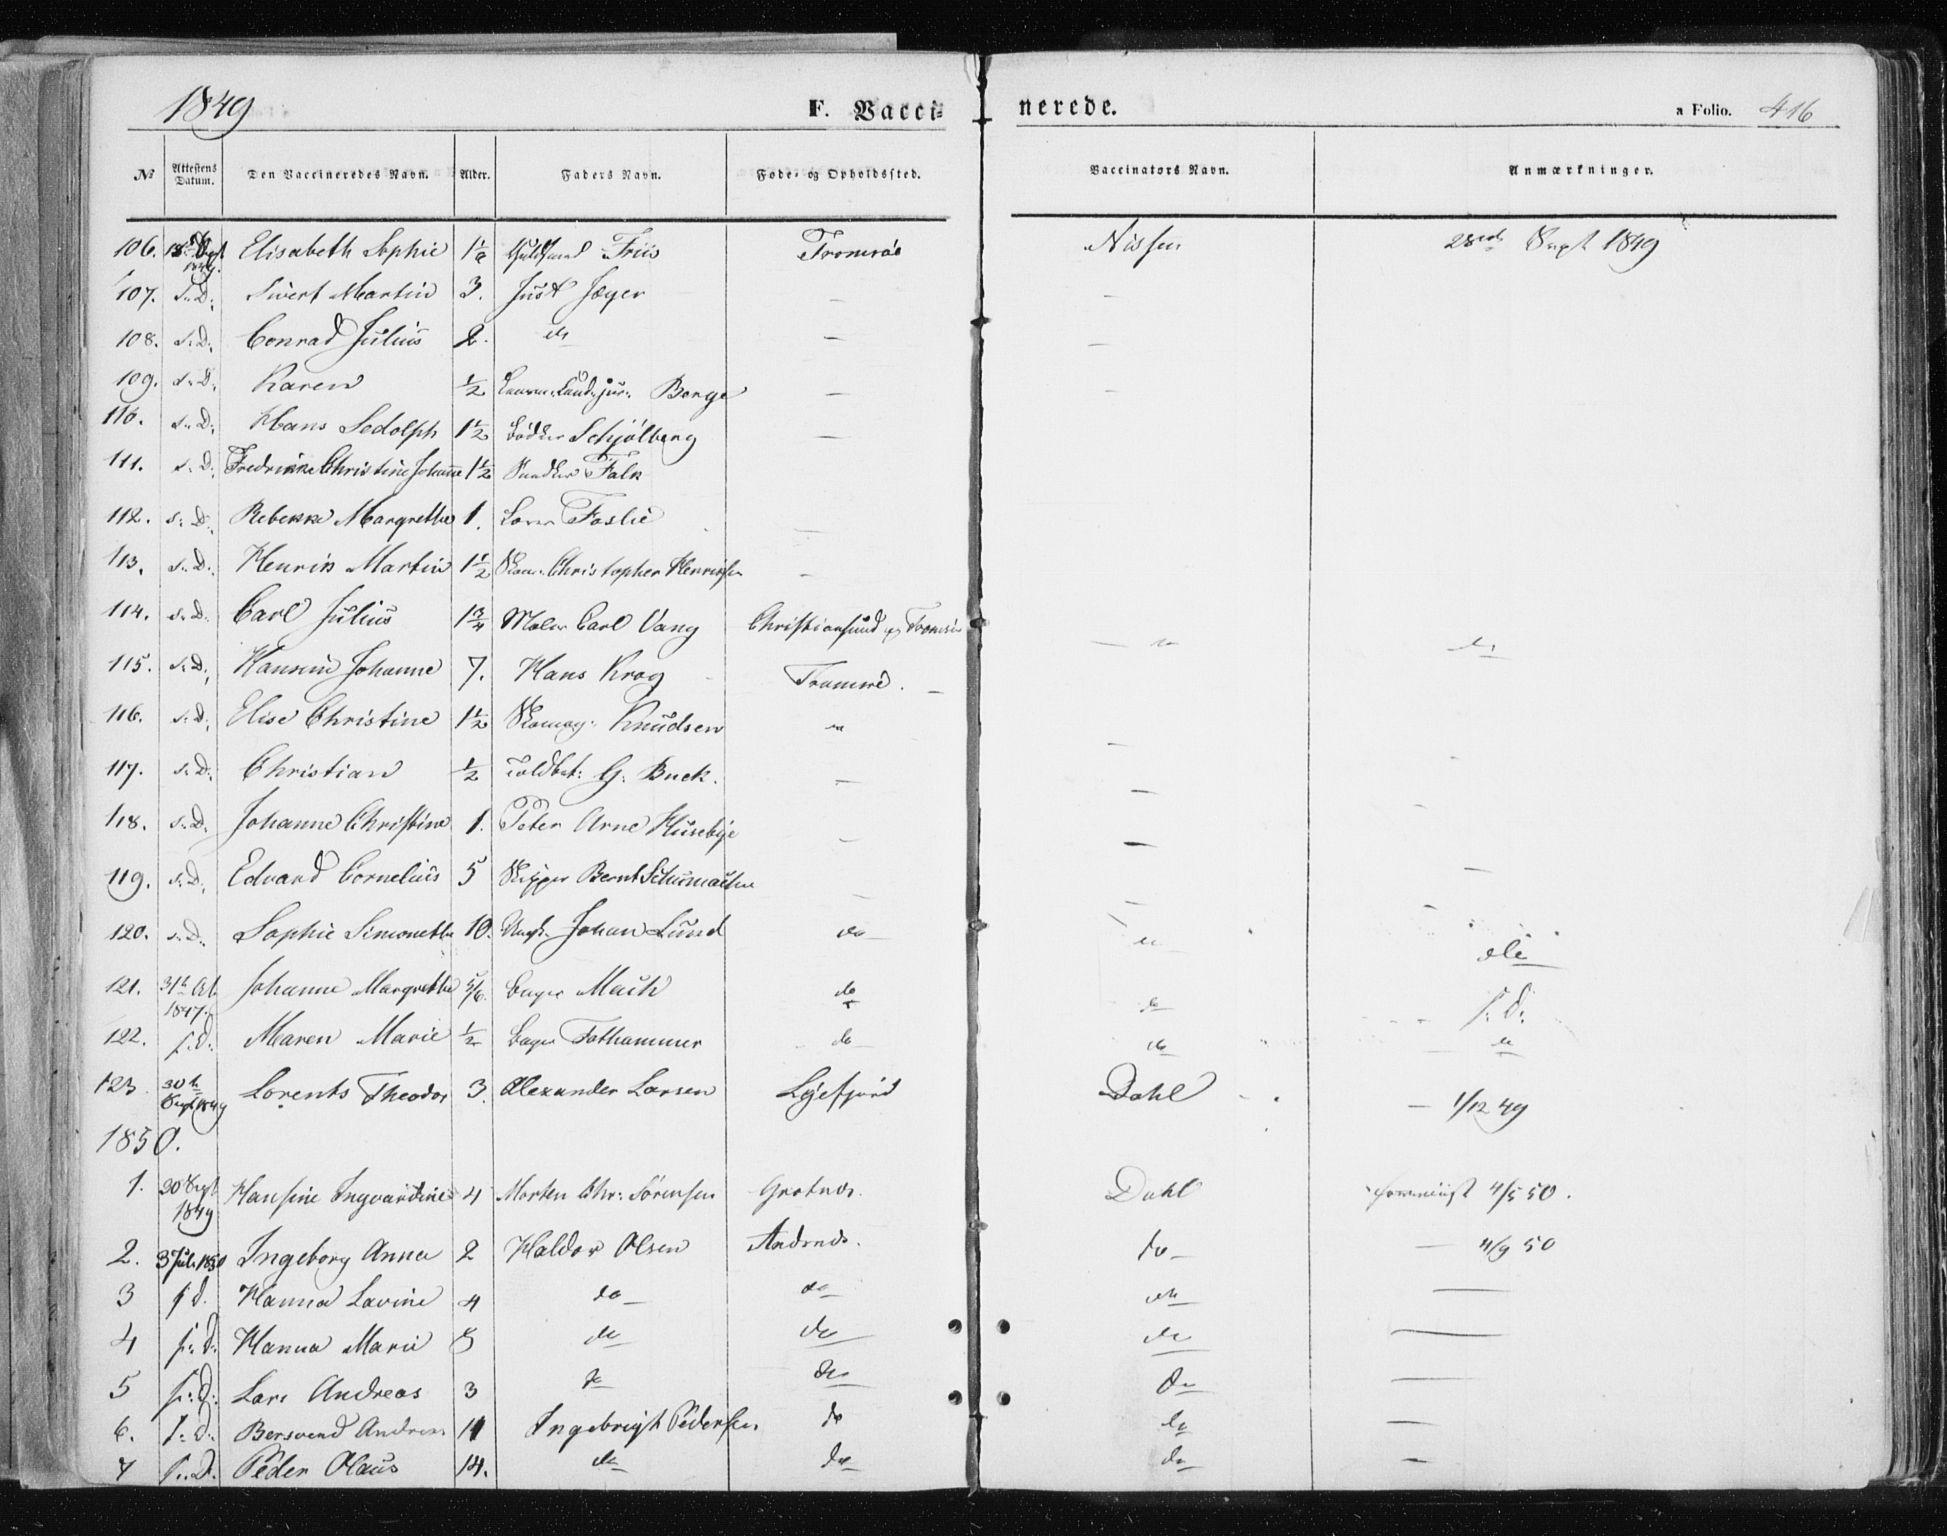 SATØ, Tromsø sokneprestkontor/stiftsprosti/domprosti, G/Ga/L0010kirke: Ministerialbok nr. 10, 1848-1855, s. 416